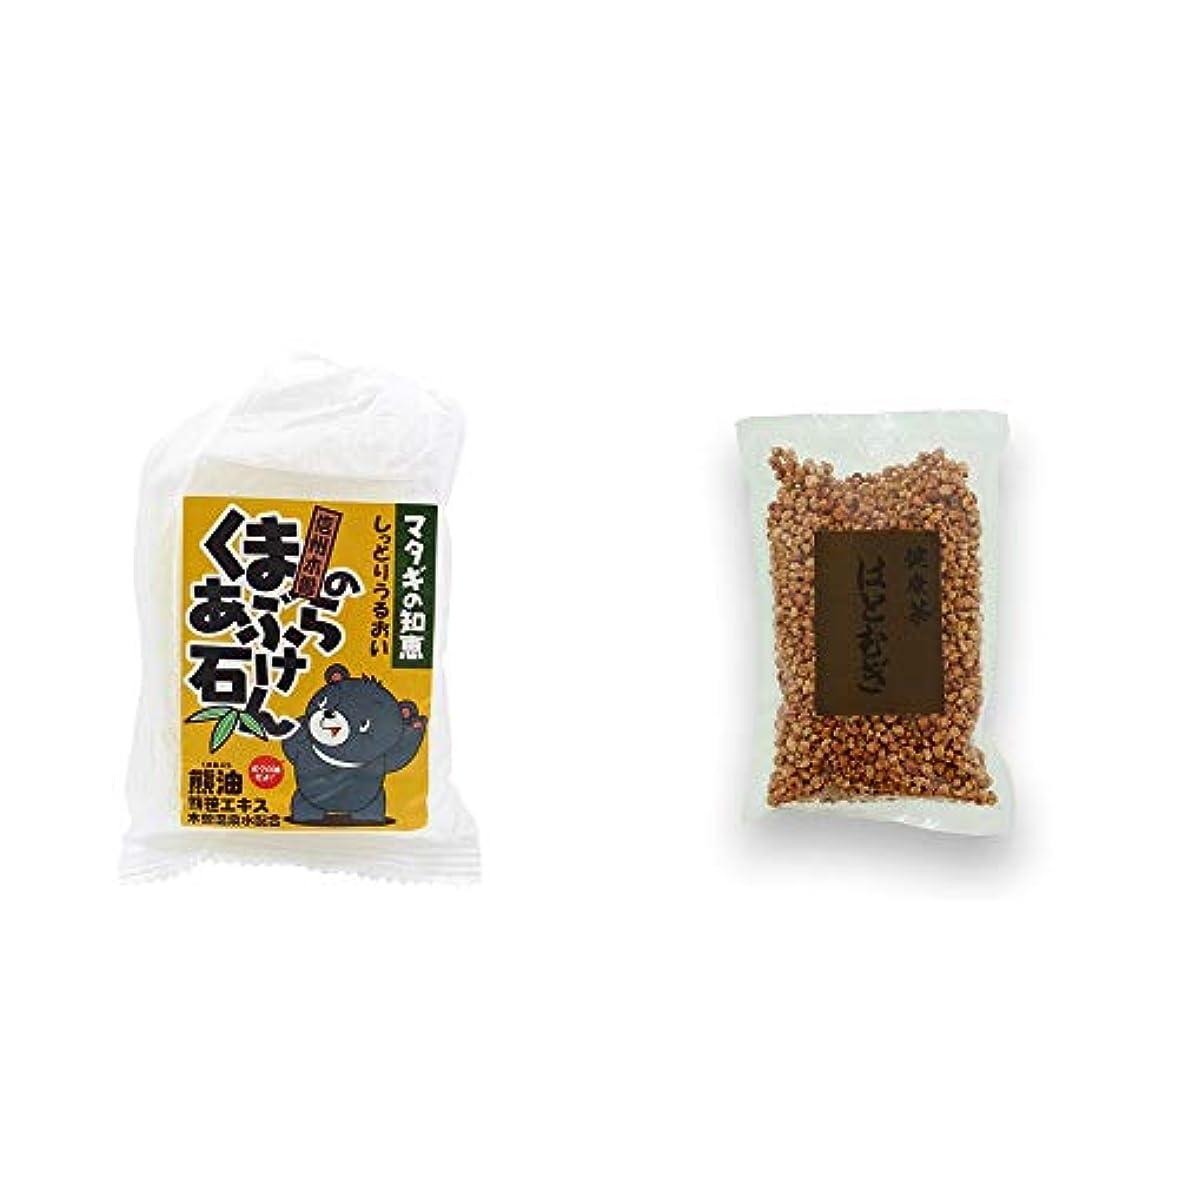 スーパーマーケット考案する一生[2点セット] 信州木曽 くまのあぶら石けん(80g)?健康茶 はとむぎ(200g)